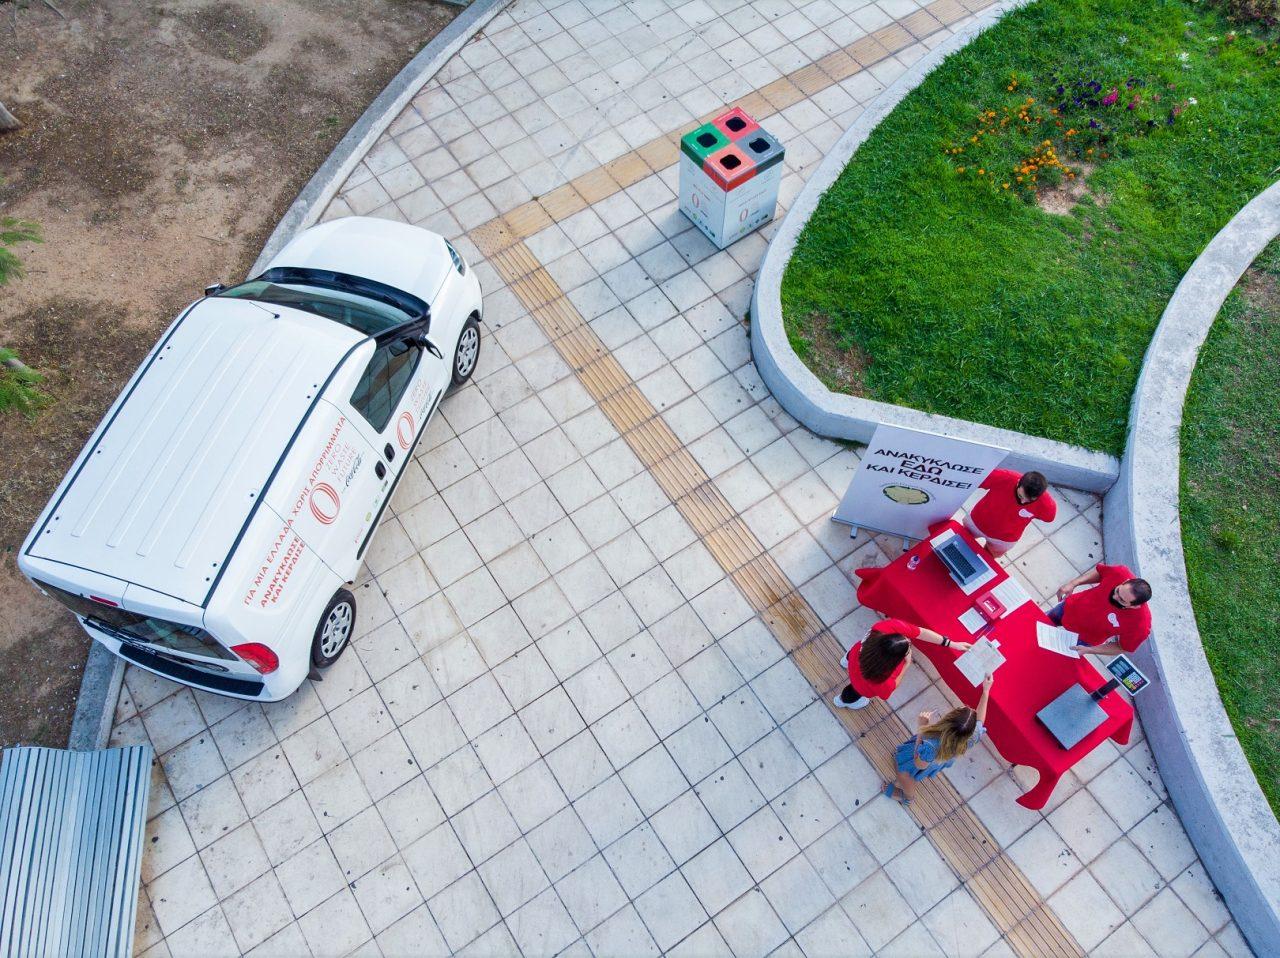 Σε πλατεία πρότυπο για την ανακύκλωση μετατρέπεται το Γκάζι